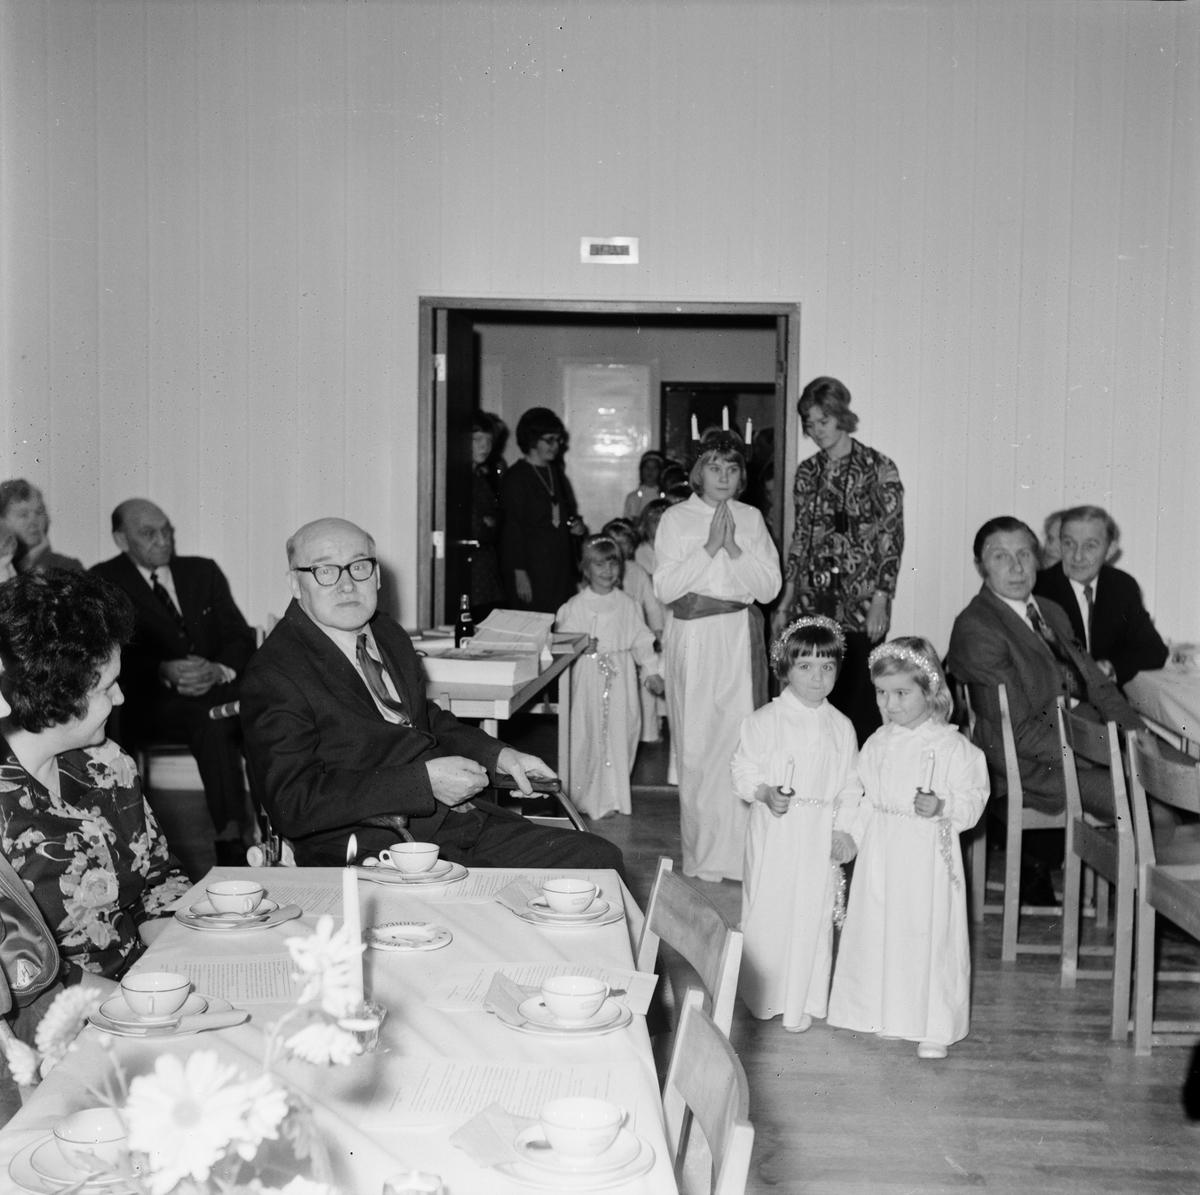 Frälsningsarméns luciafirande, Tierp, Uppland, december 1971